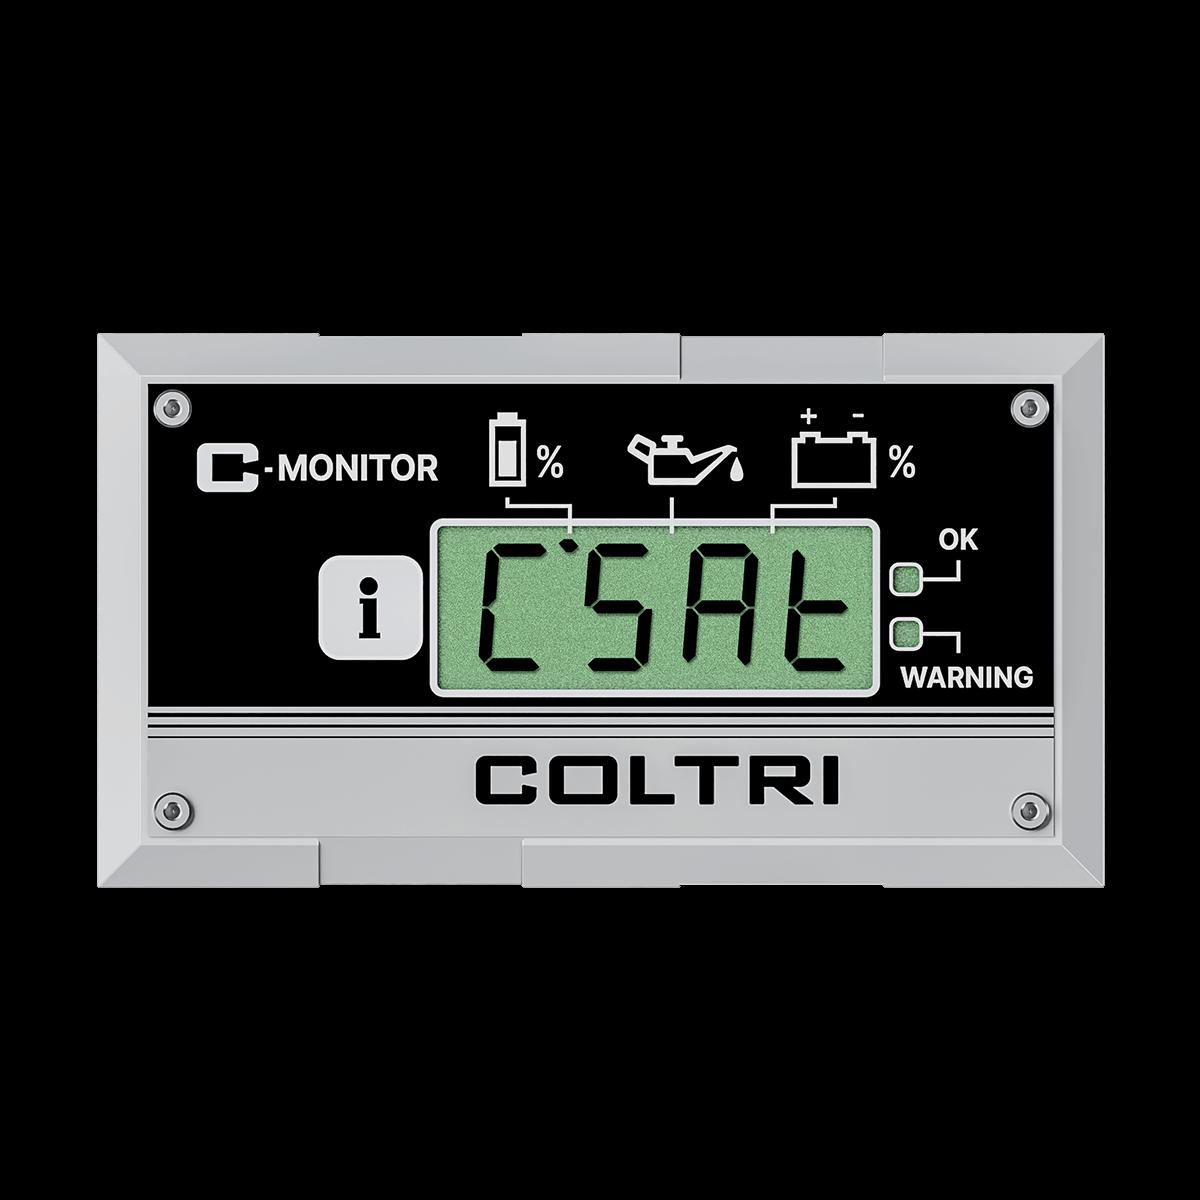 C-monitor